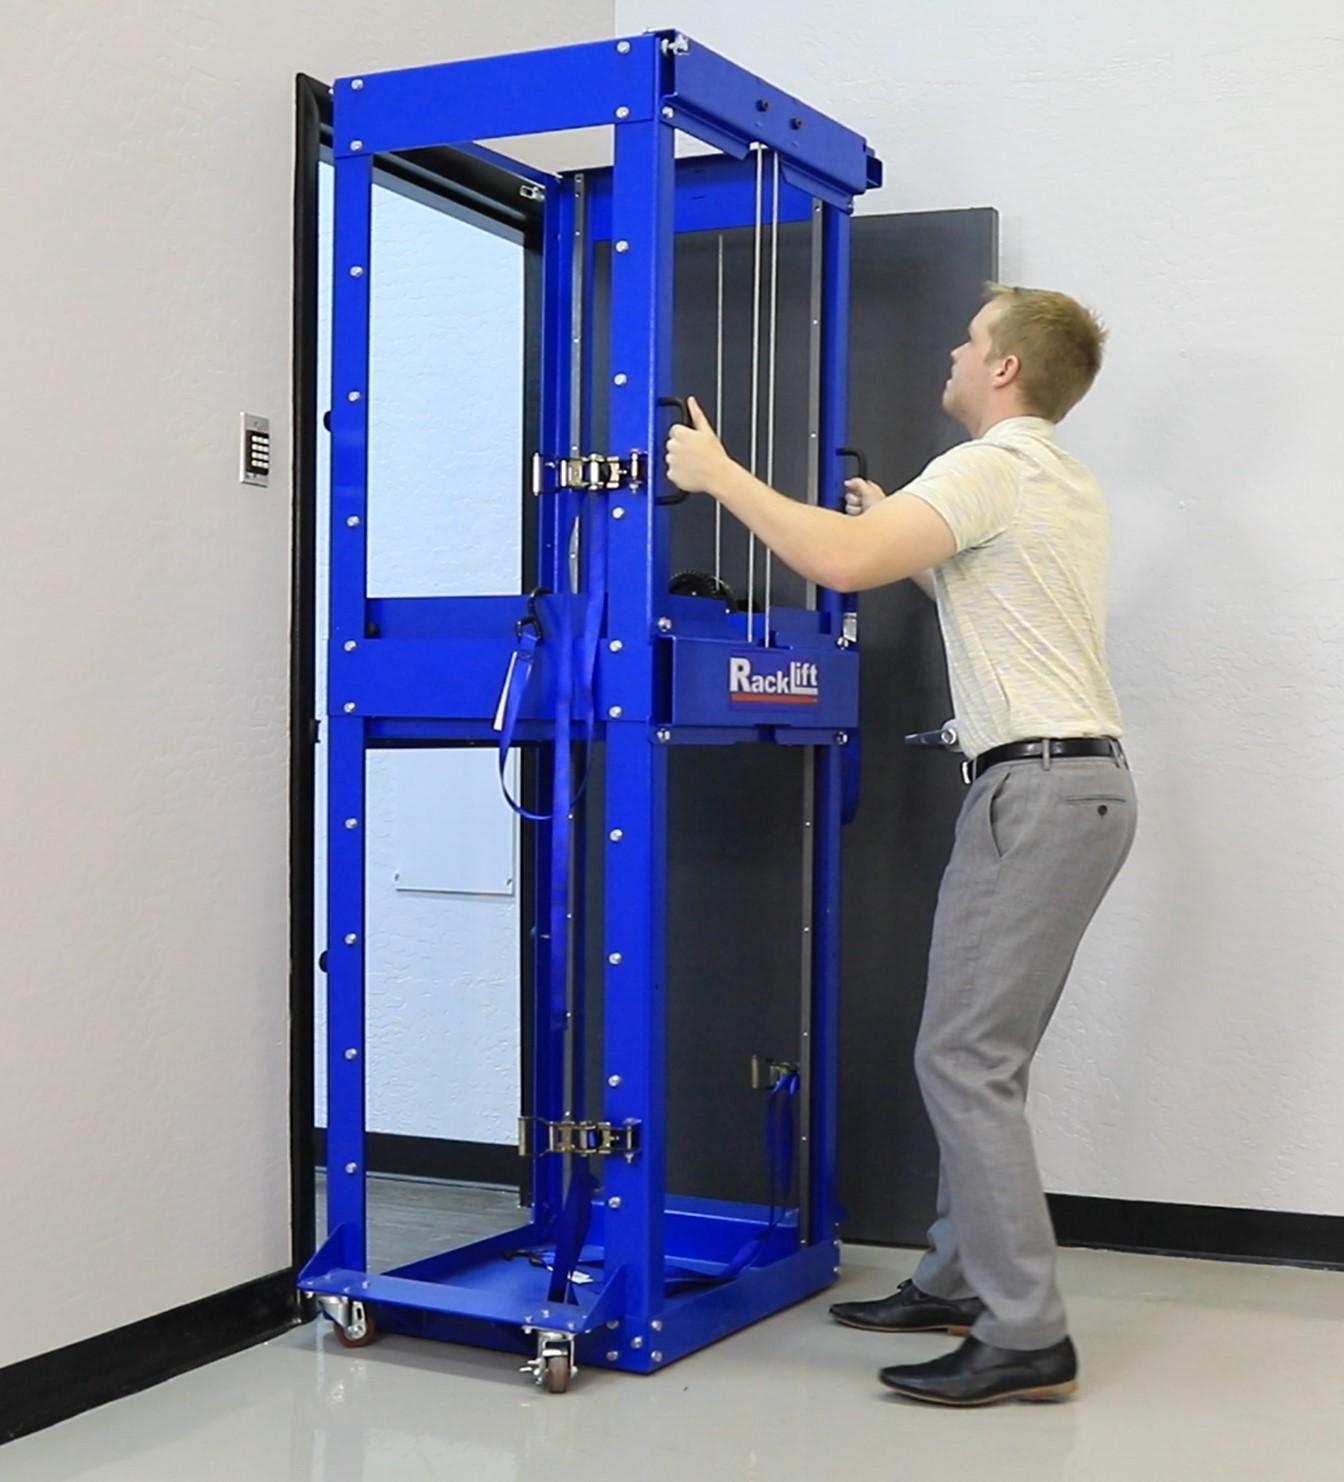 racklift doorway ServerLIFT